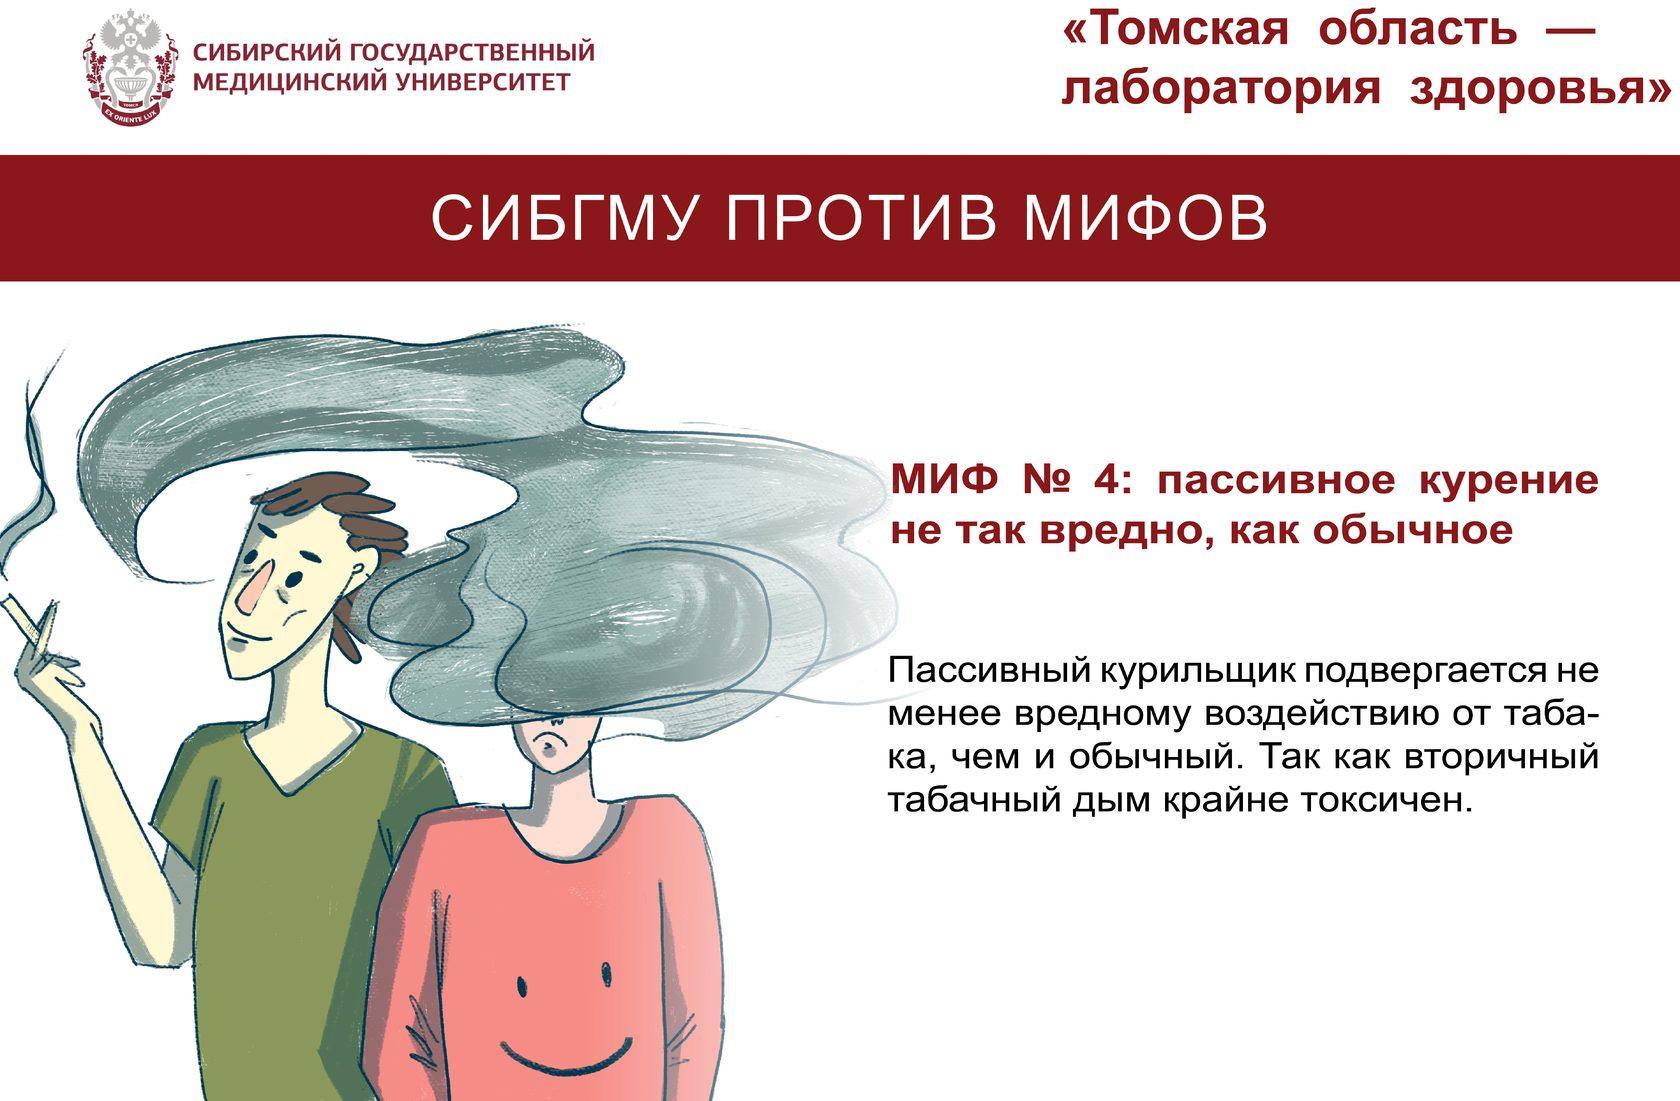 Чем опасно пассивное курение и какое влияние оказывает на здоровье